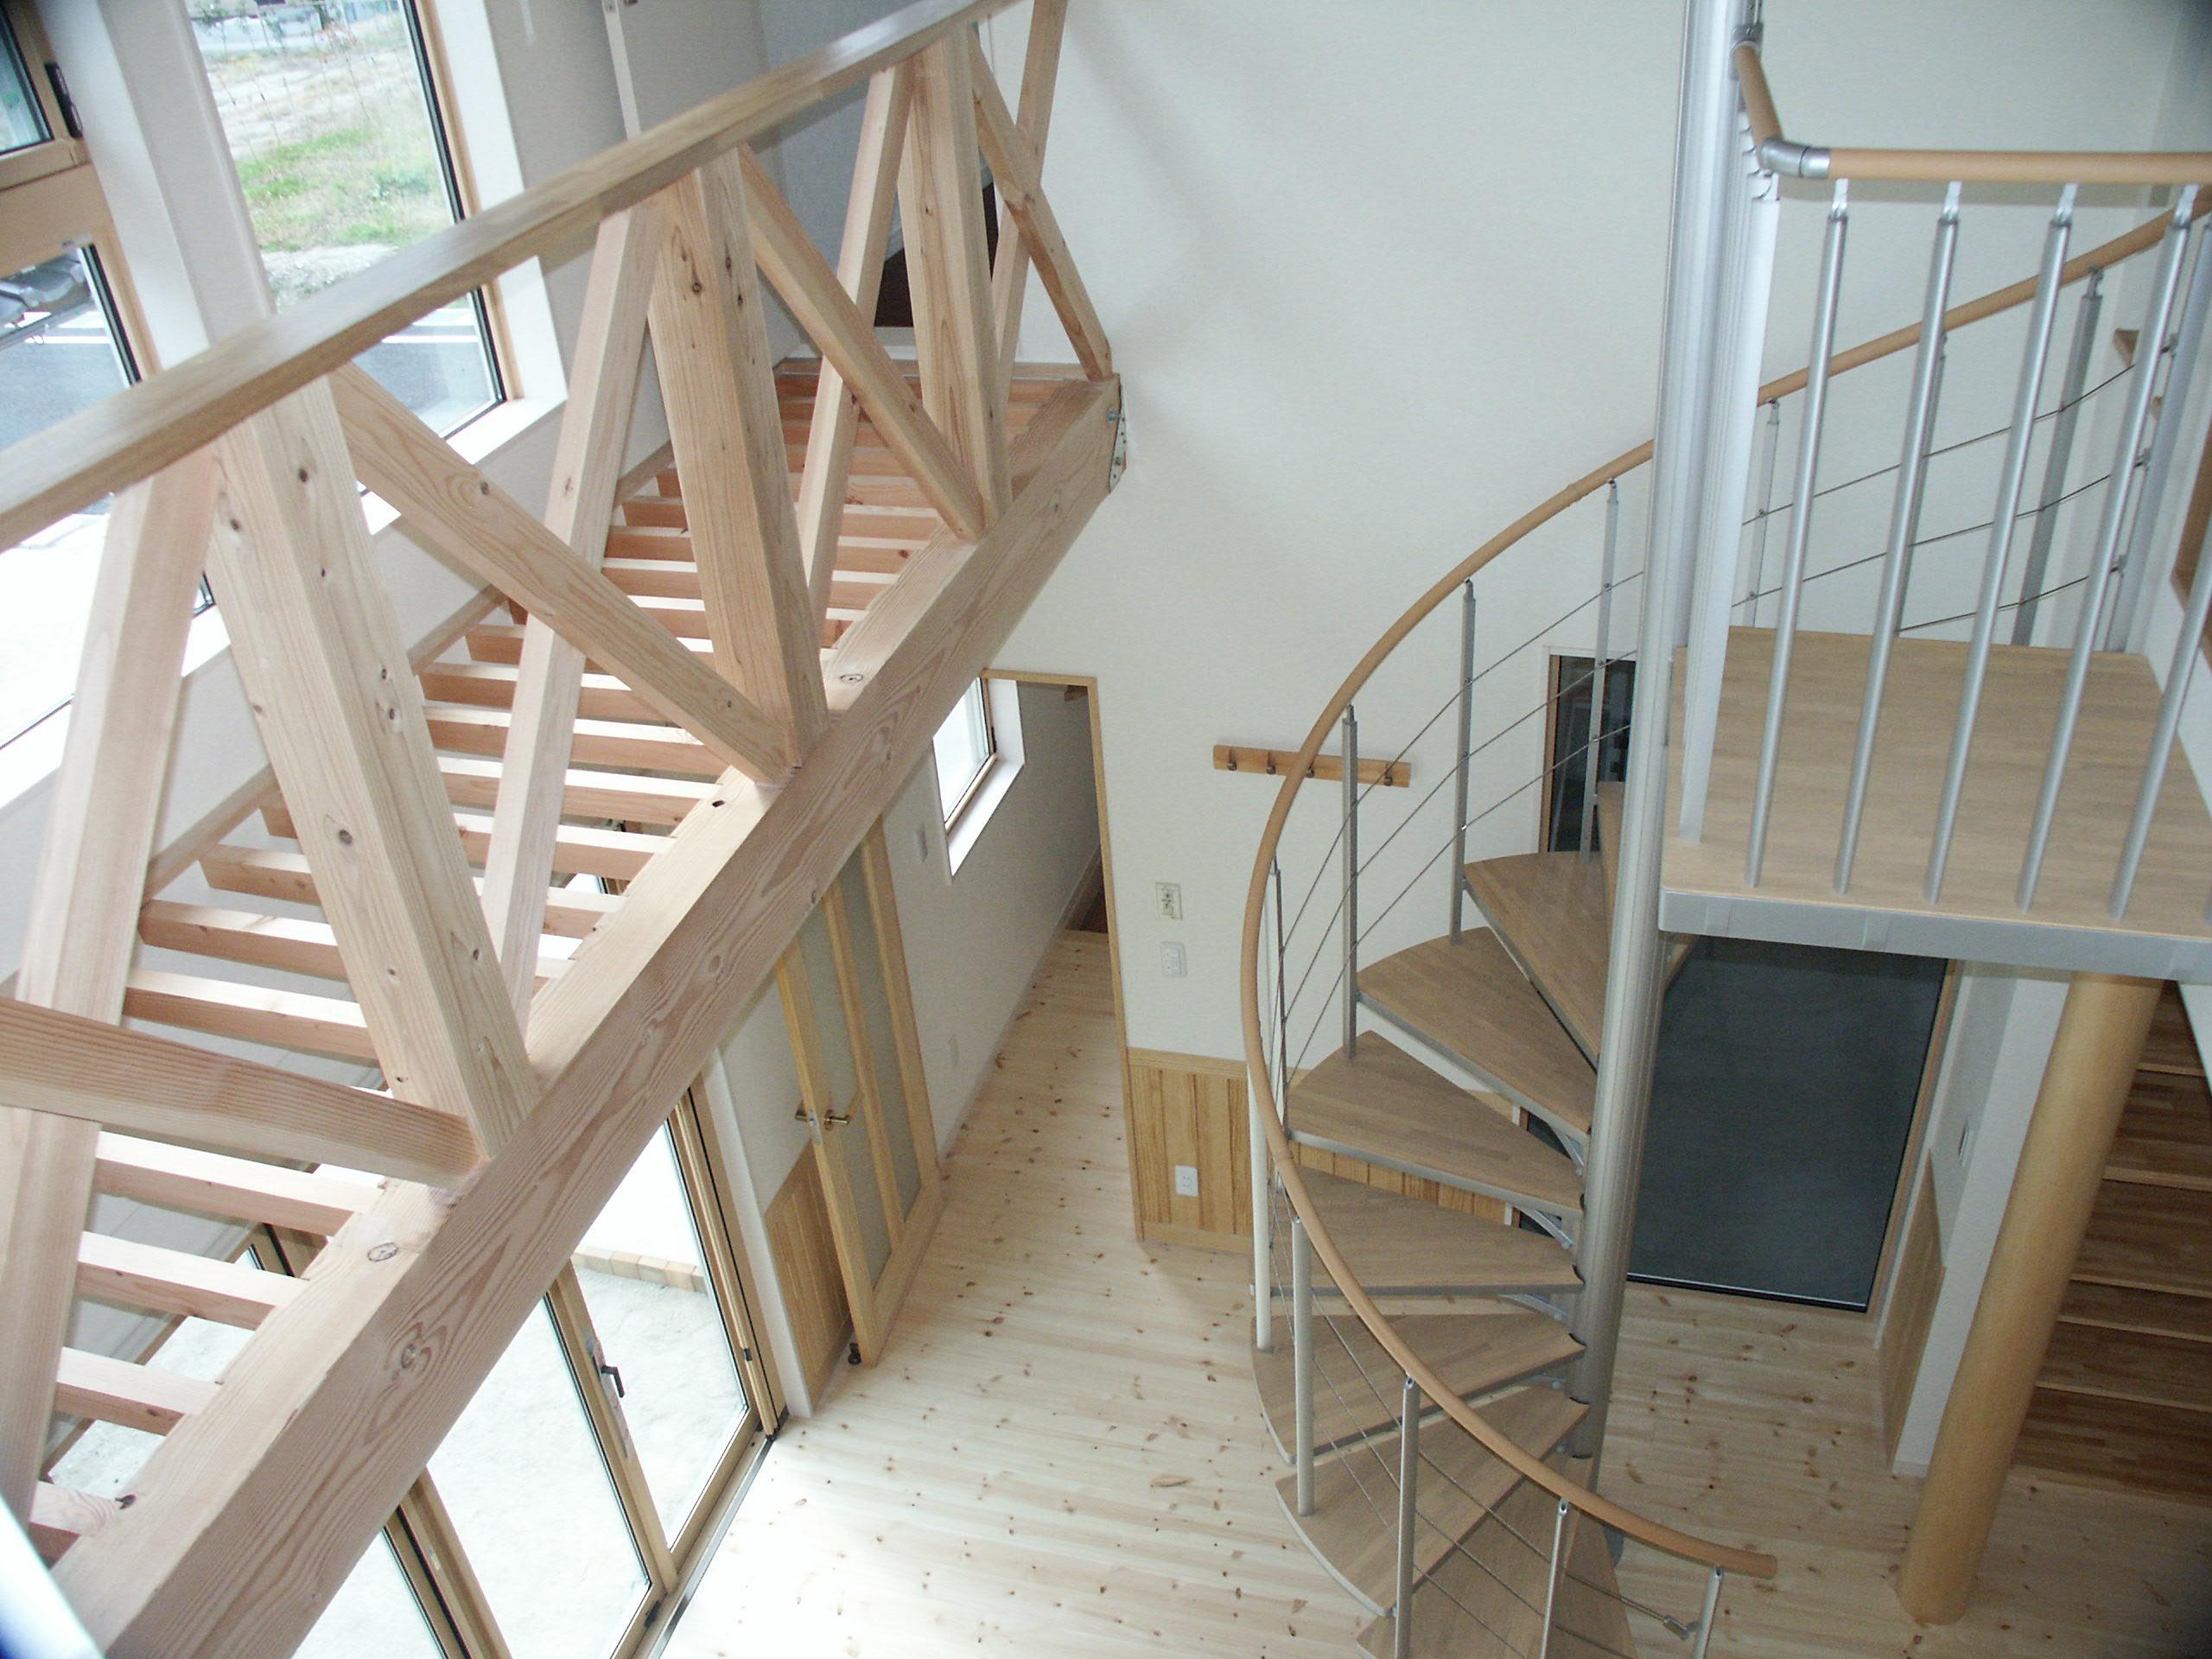 株式会社上山住建 『木の温もりと光の溢れる健康的な住宅』